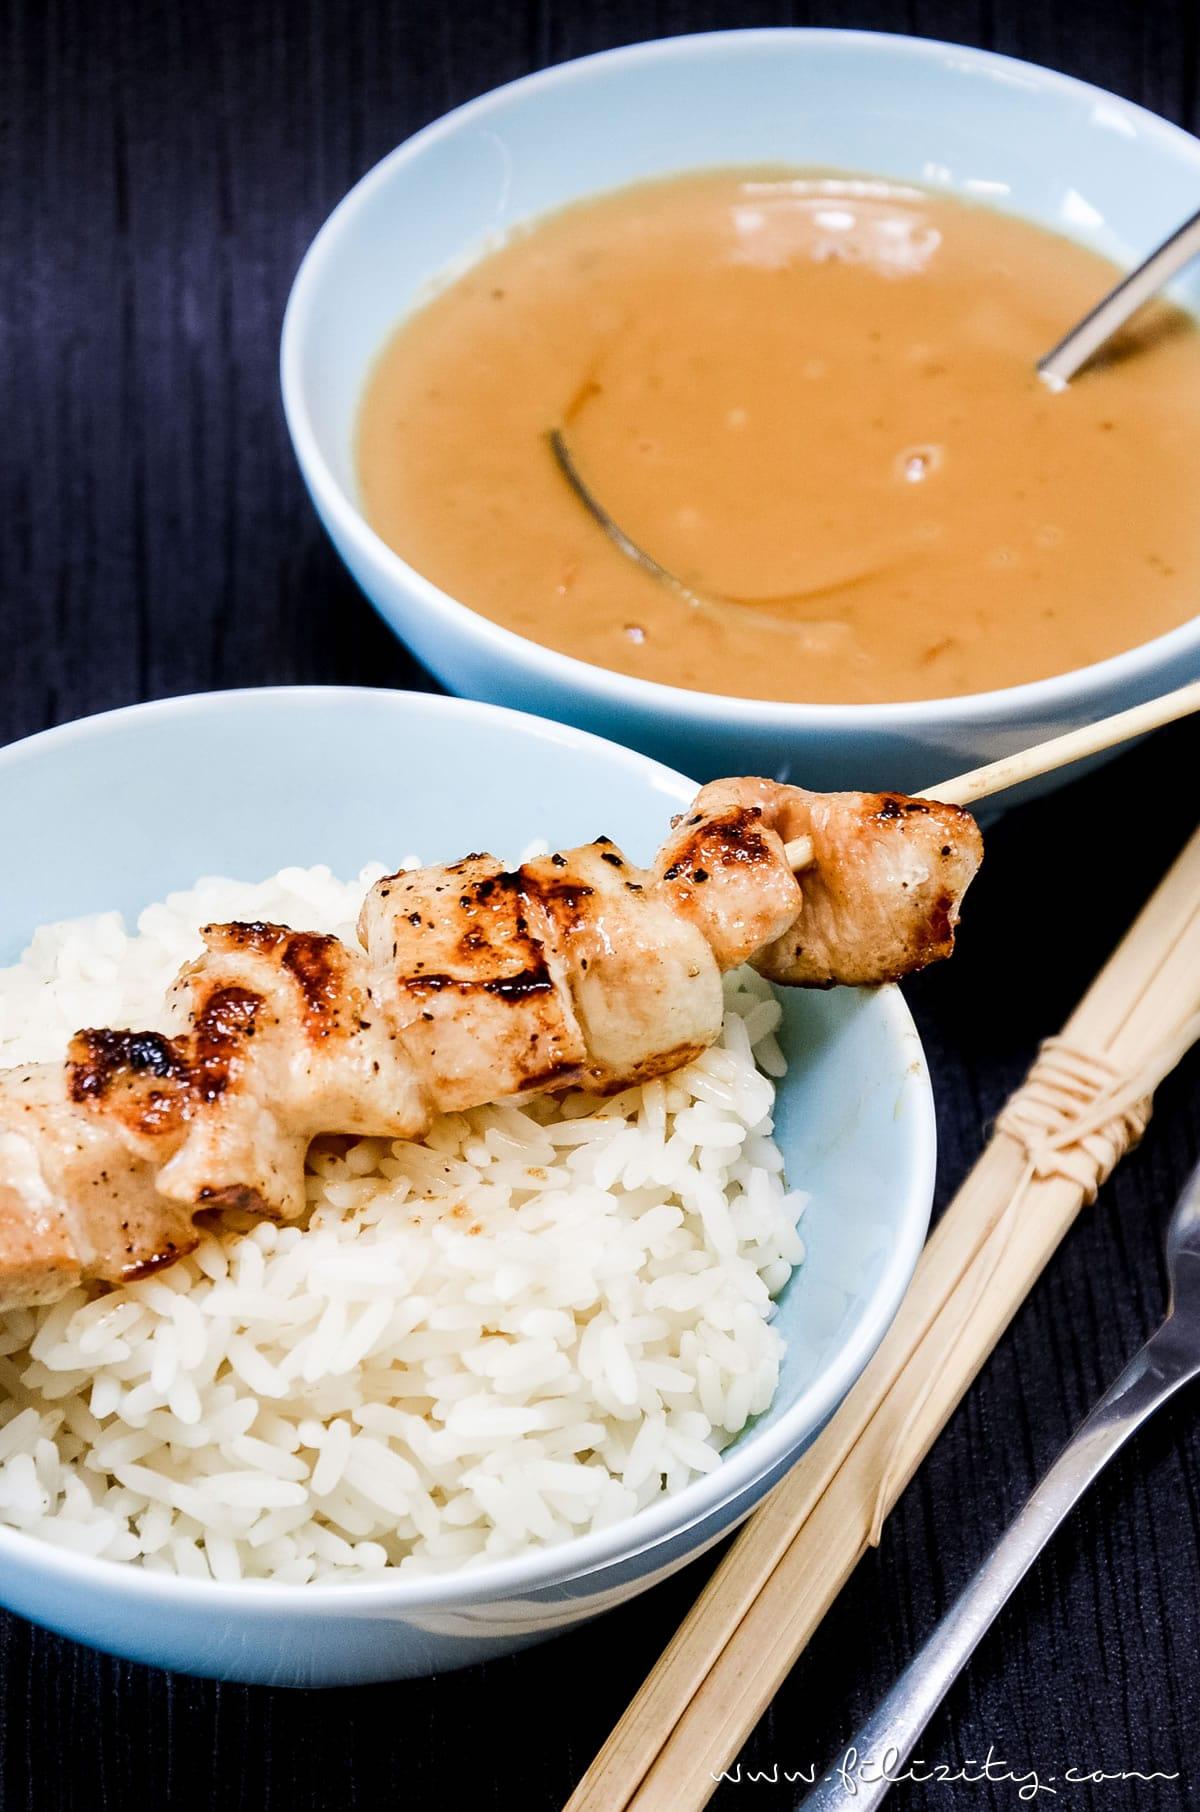 Asiatisches Rezept für Hähnchen-Spieße (Sate) mit Erdnuss-Soße | Filizity.com | Food-Blog aus dem Rheinland #sate #grillen